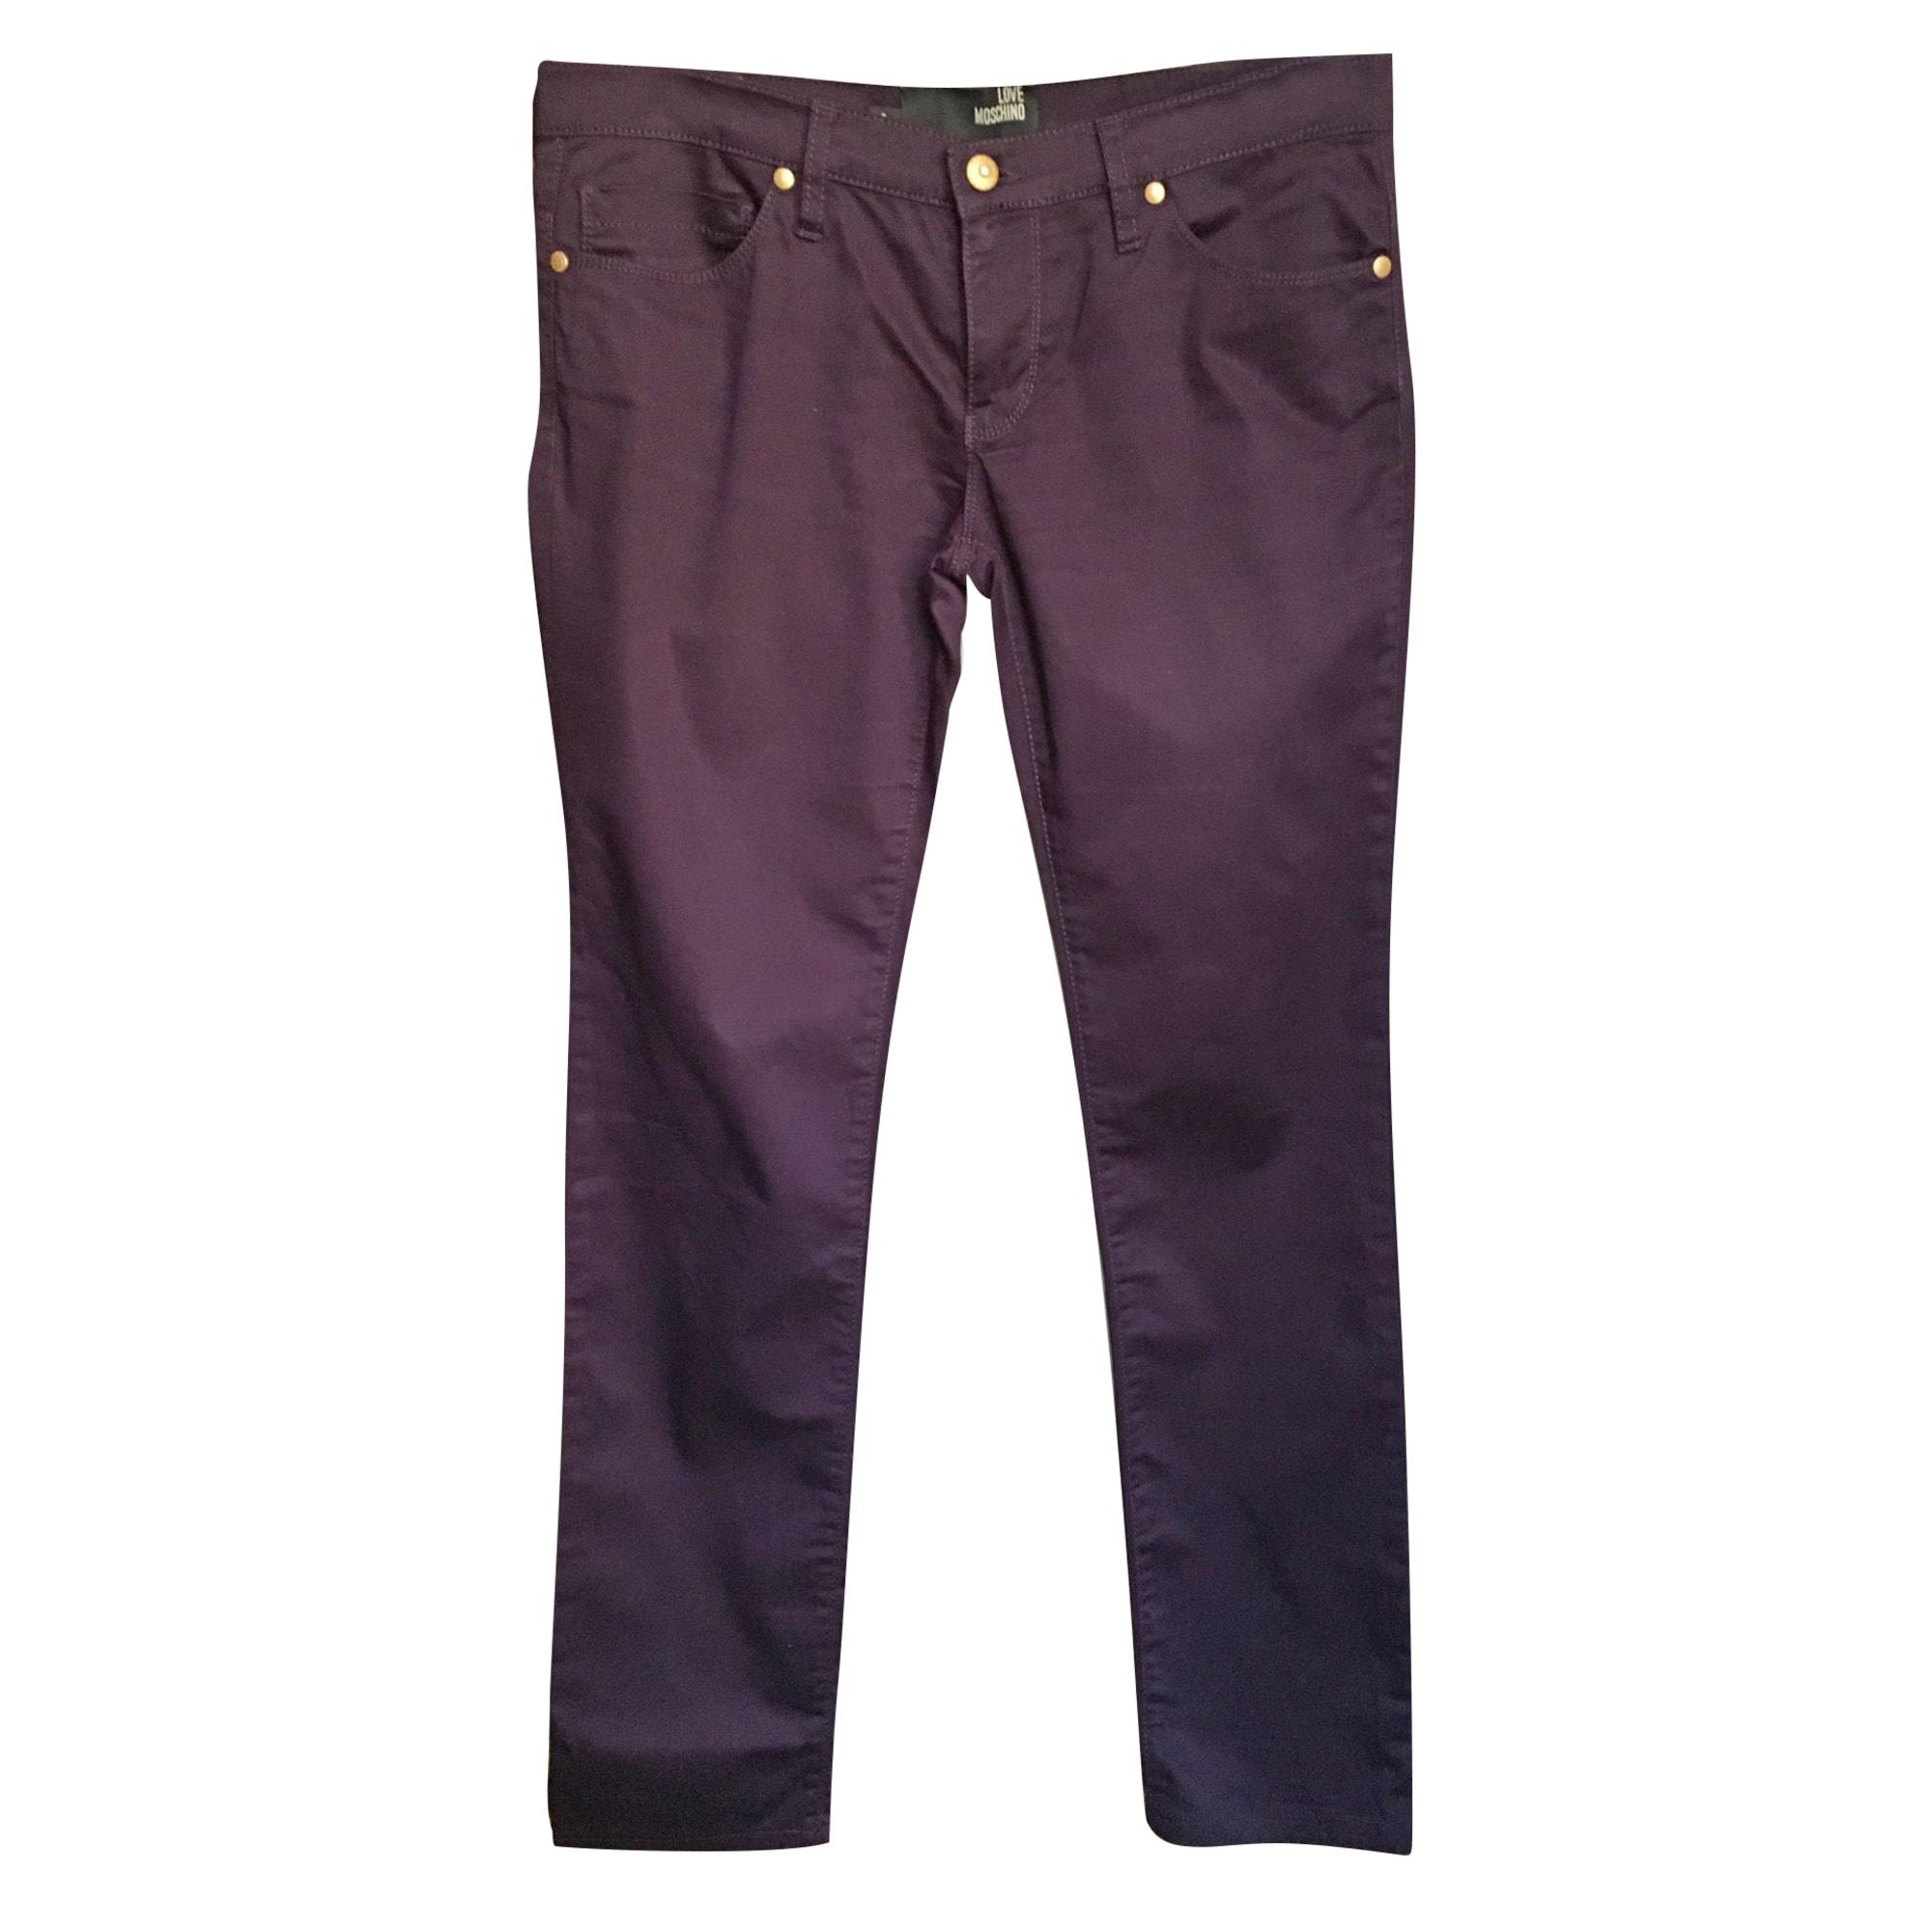 Pantalon droit LOVE MOSCHINO Violet, mauve, lavande